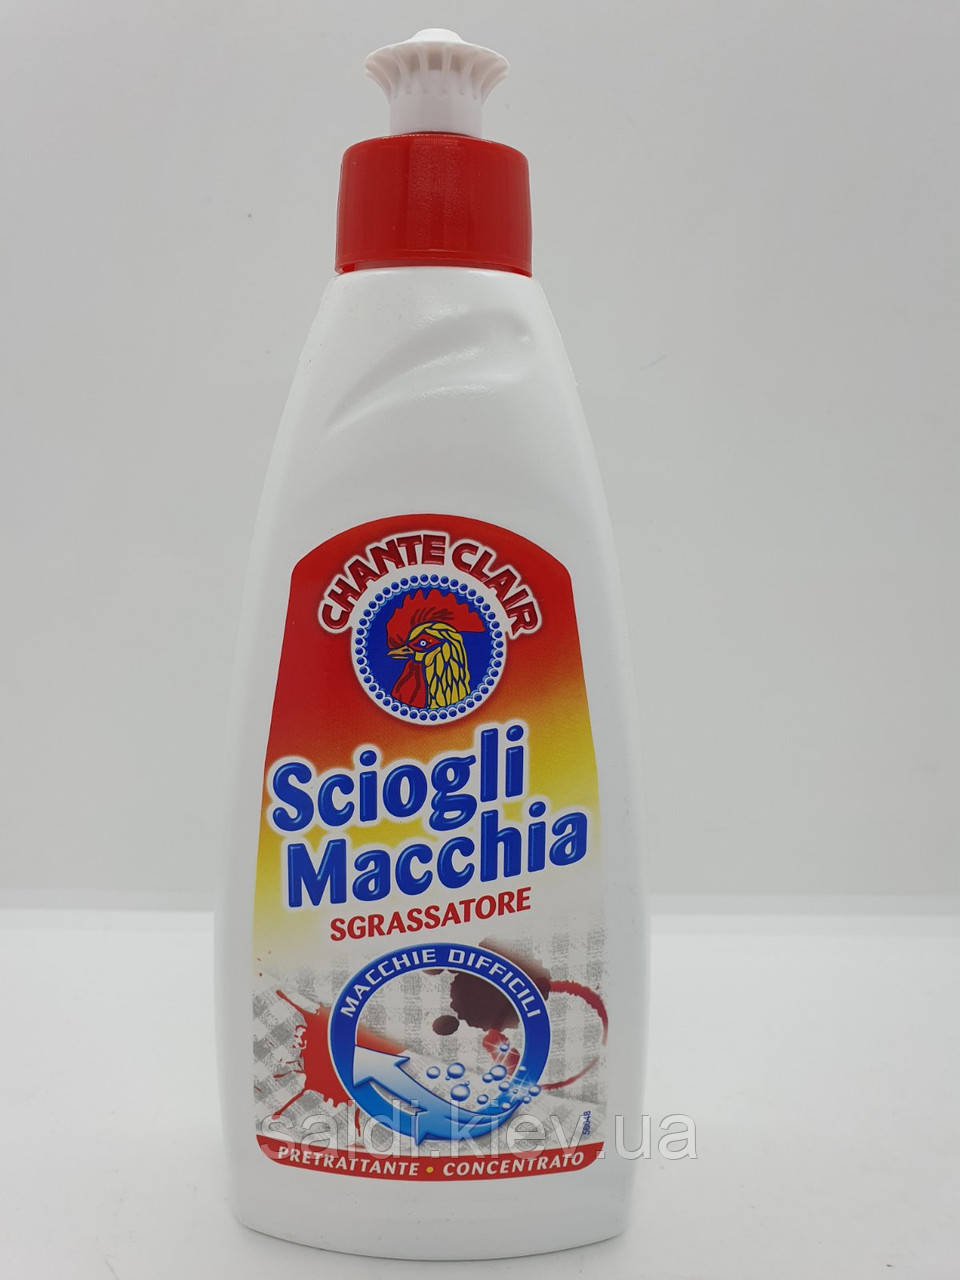 Жидкий пятновыводитель ChanteClair SCIOGLIMACCHIA, 375 мл